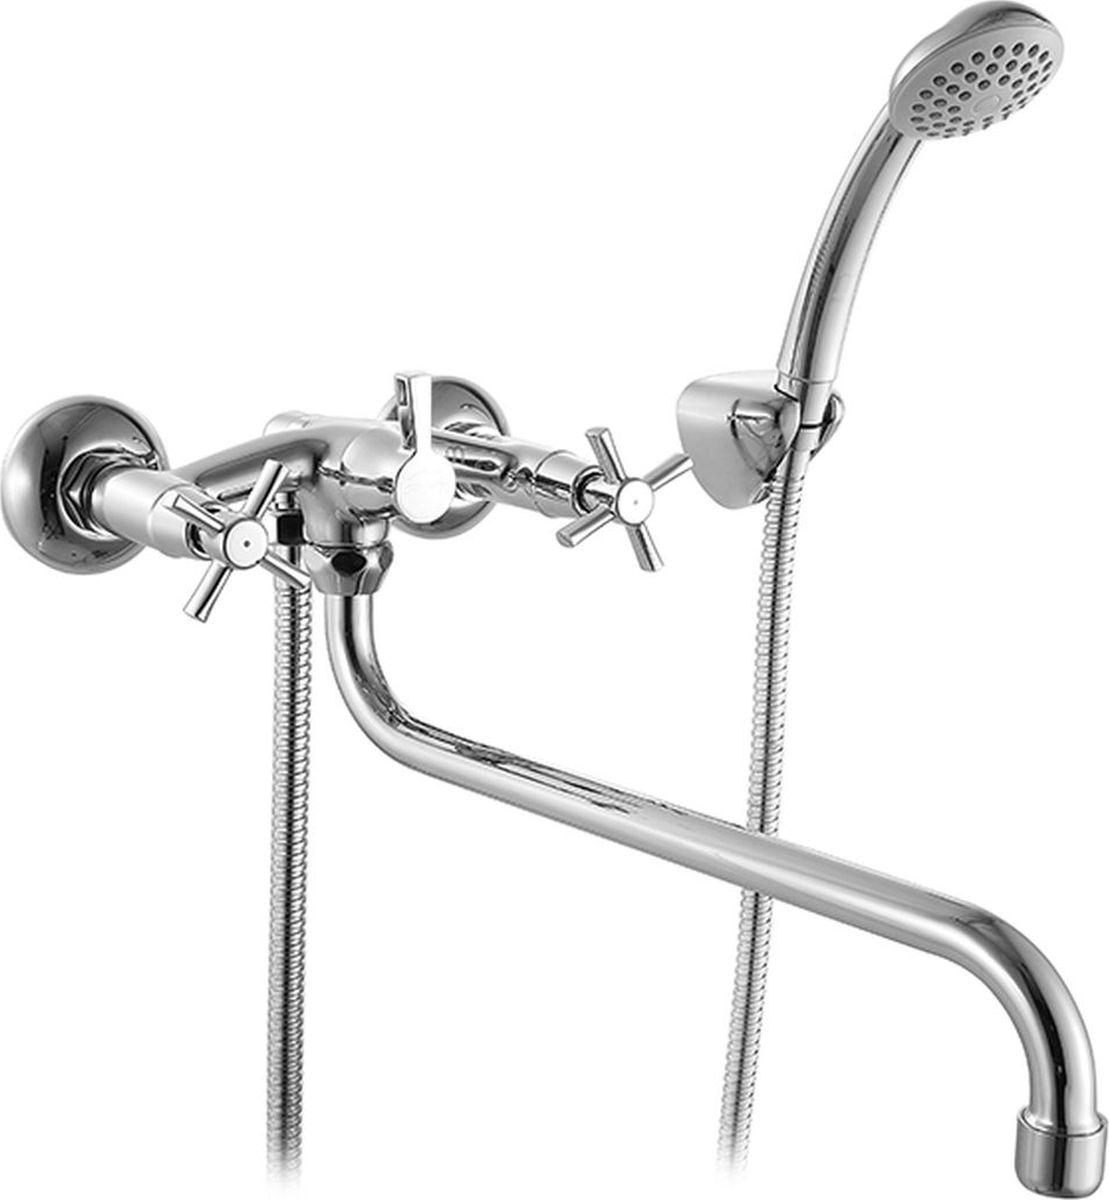 Смеситель для ванны Milardo Ontario, с длинным изливом, цвет: хромONTSBLCM10Смеситель для ванны Milardo изготовлен из высококачественной первичной латуни, прочной, безопасной и стойкой к коррозии. Инновационные технологии литья и обработки латуни, а также увеличенная толщина стенок смесителя обеспечивают его стойкость к перепадам давления и температур. Увеличенное никель-хромовое покрытие полностью соответствует европейским стандартам качества, обеспечивает его стойкость и зеркальный блеск в течение всего срока службы изделия.Благодаря гладкой внутренней поверхности смесителя, рассекателям в водозапорных механизмах и аэратору он имеет минимальный уровень шума. Смеситель оборудован керамическим дивертором, чей сверхнадежный механизм обеспечивает плавное и мягкое переключение с излива на душ, а также непревзойденную надежность при любом давлении воды. В комплект входят лейка и шланг из нержавеющей стали длиной 1,5 м с защитой от перекручивания.Аэратор: съемный пластиковый.Картридж: керамический.Кран-буксы: керамические, с углом поворота 180 градусов. Диаметр картриджа: 35 мм.Дивертор: керамический.Длина излива: 36,2 см.